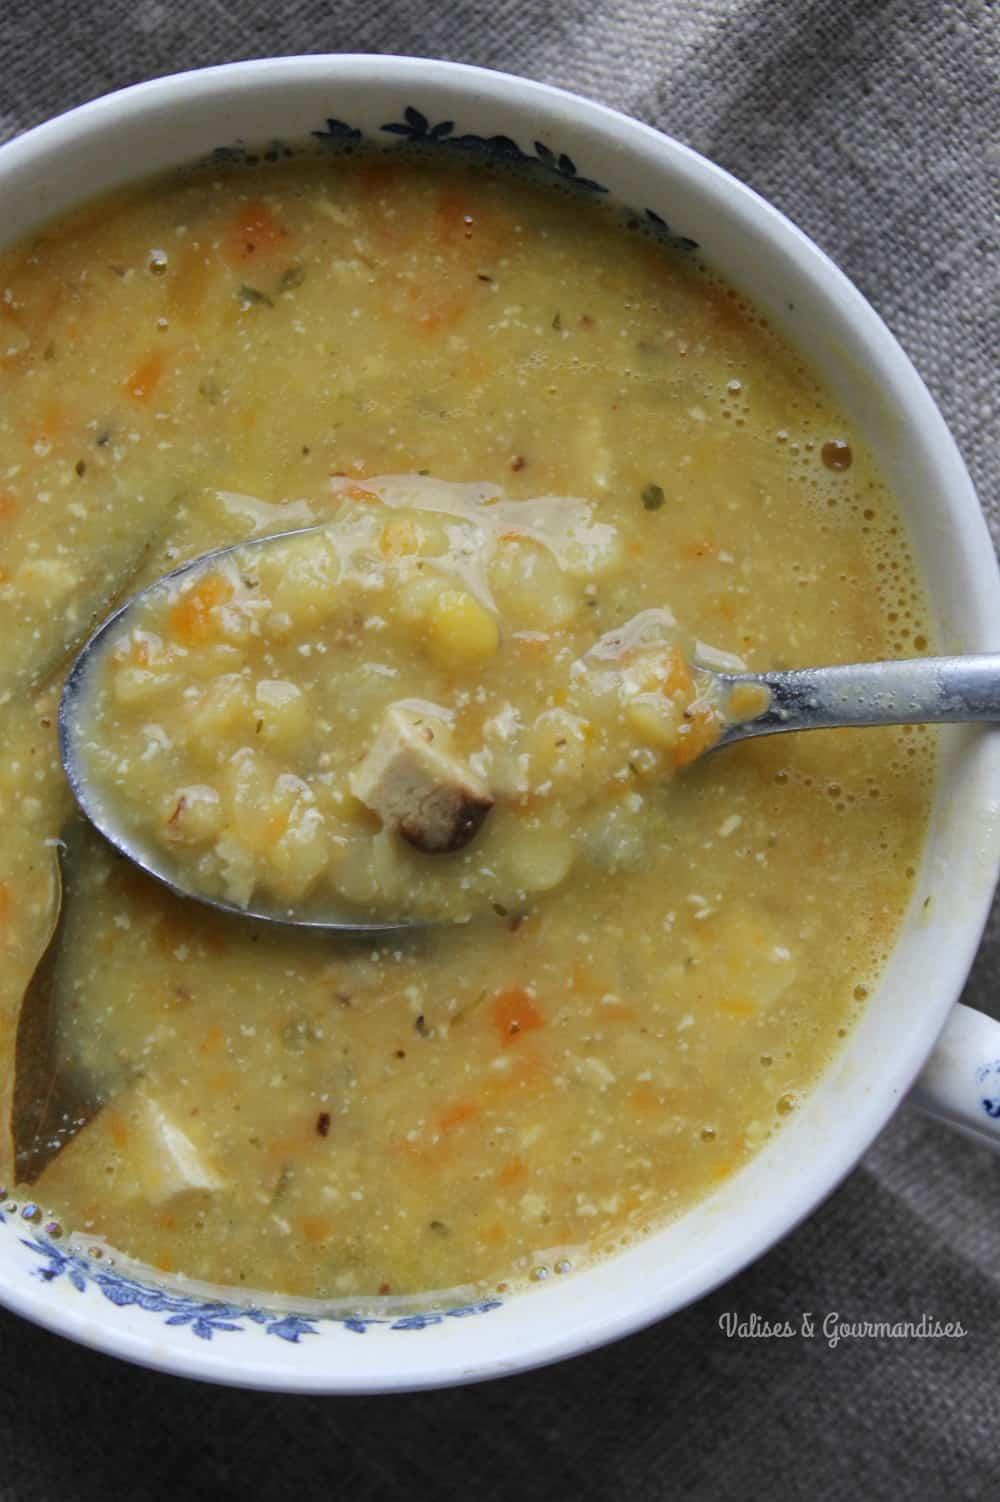 Soupe aux pois végétalienne rappelle la version traditionnelle avec ses lardons de tofu fumé. - Valises & Gourmandises